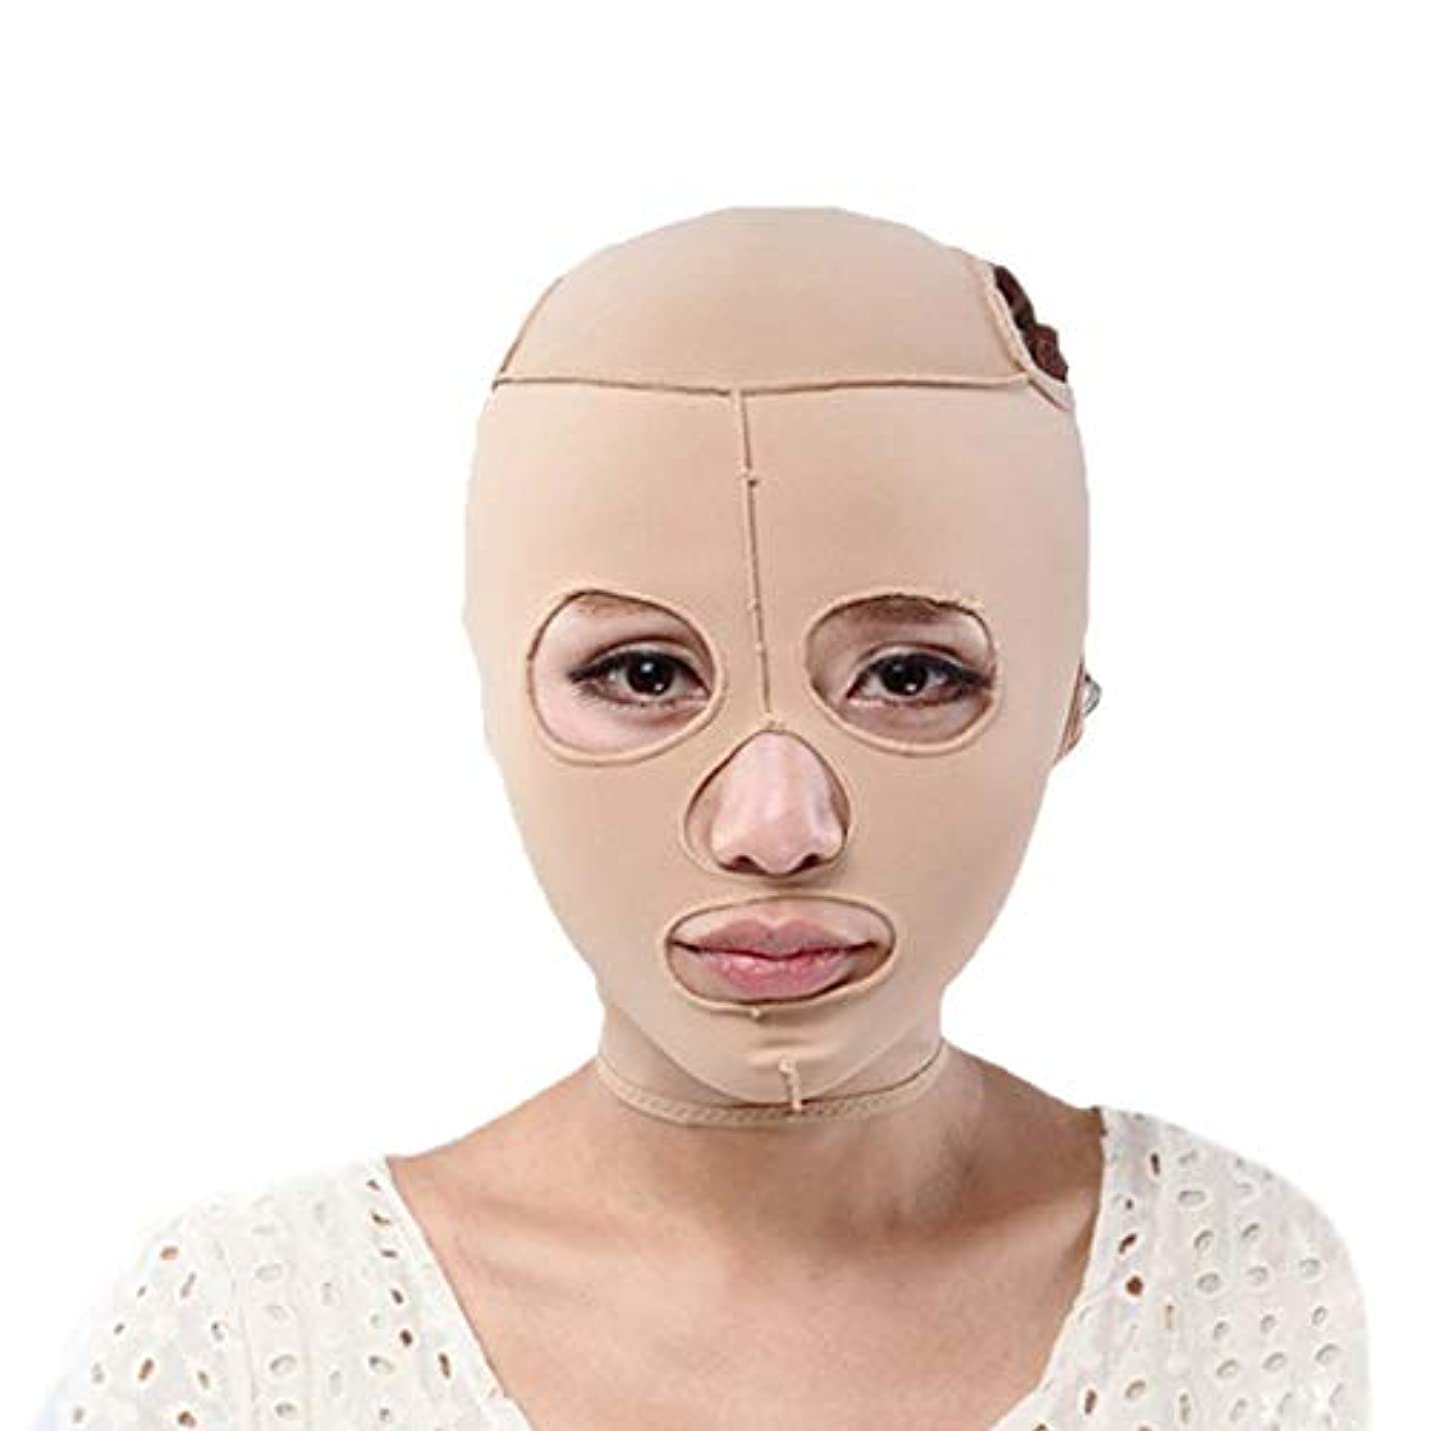 最後の険しい作りますチンストラップ、顔の減量アンチシワマスク、快適な通気性マスク付きオールインクルーシブフェイス、薄型フェイスマスクリフティング包帯引き締め(サイズ:S),M